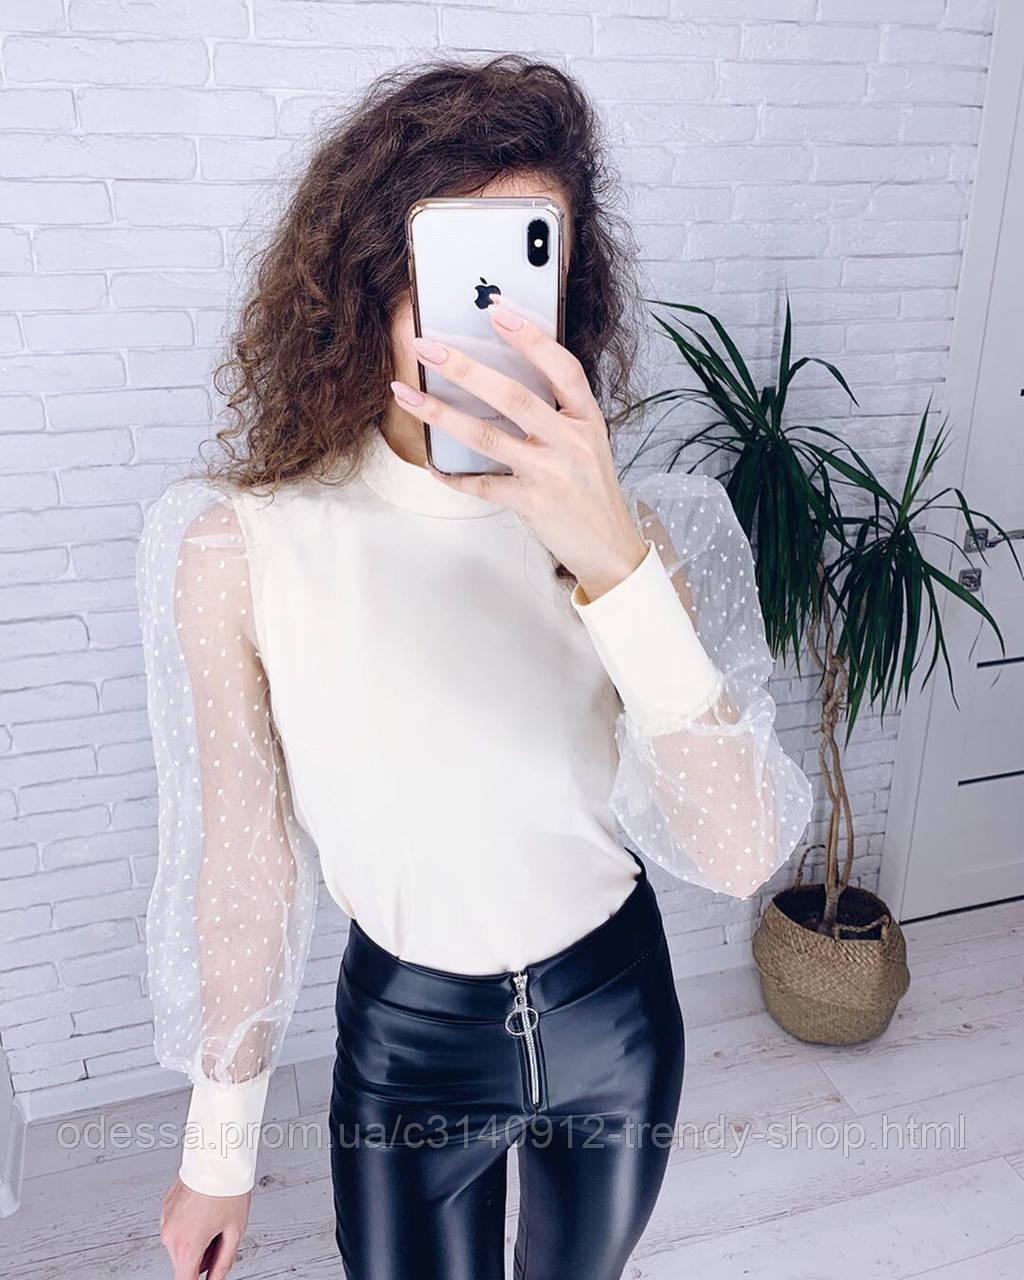 Кофточка женская нарядная белая чёрная